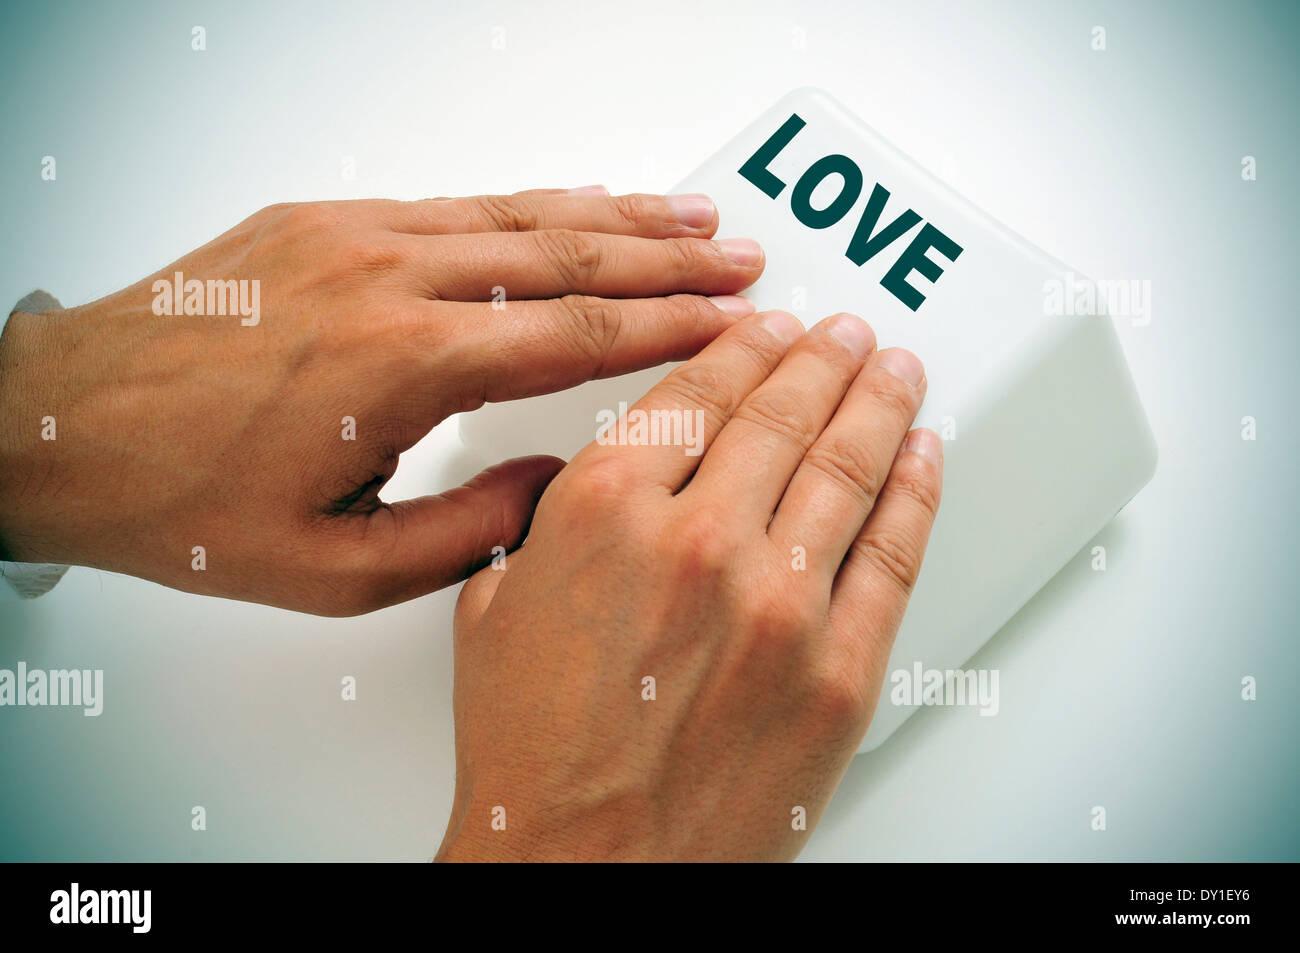 elenco di parole chiave dating online Dating online gratuito senza registrazione in Pakistan